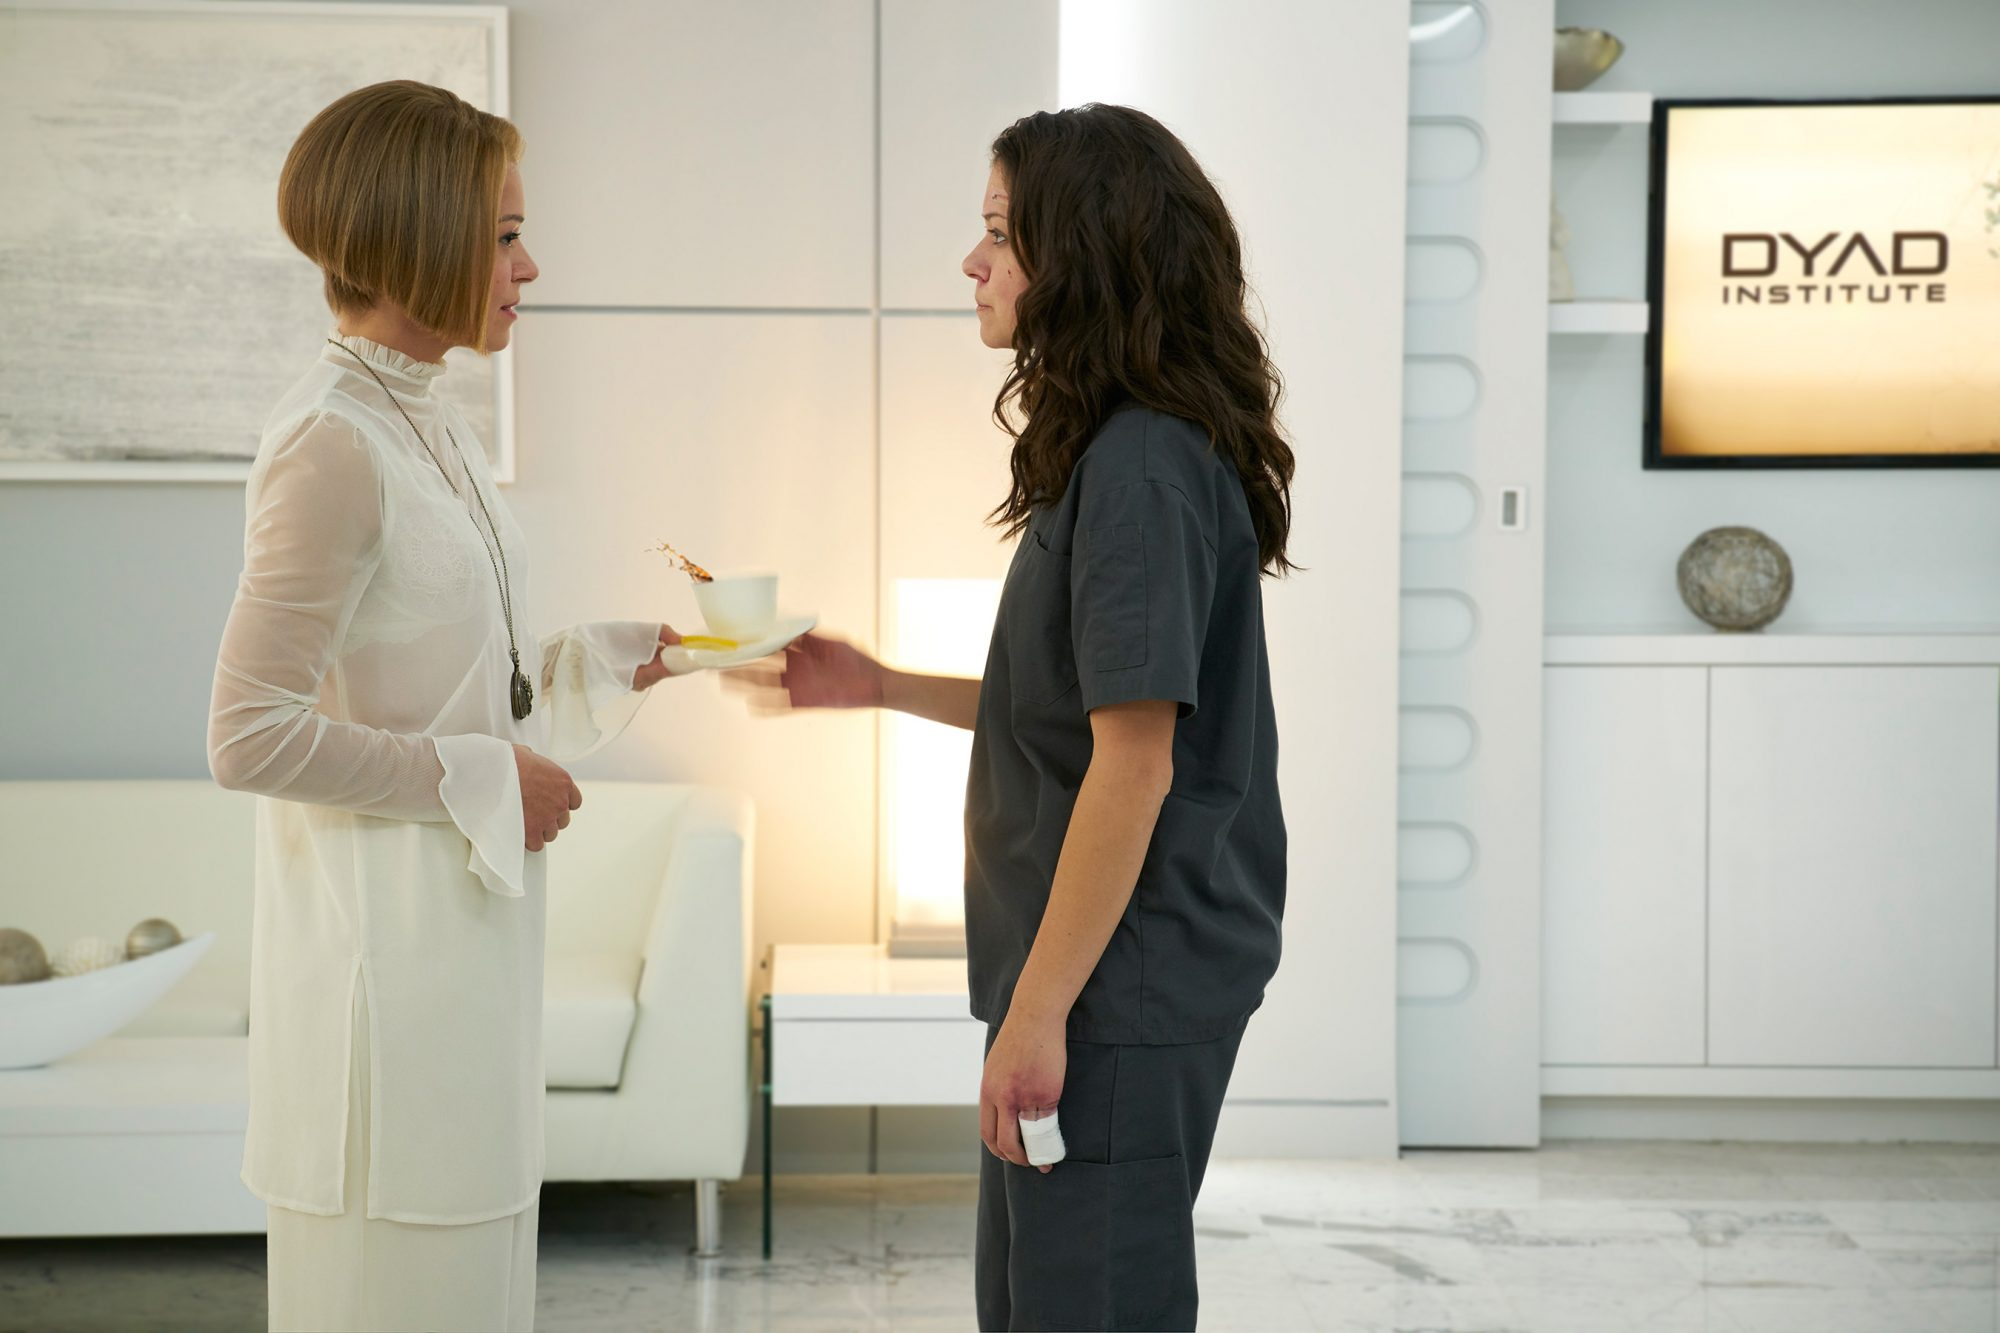 Rachel (Tatiana Maslany) and Sarah (Tatiana Maslany)